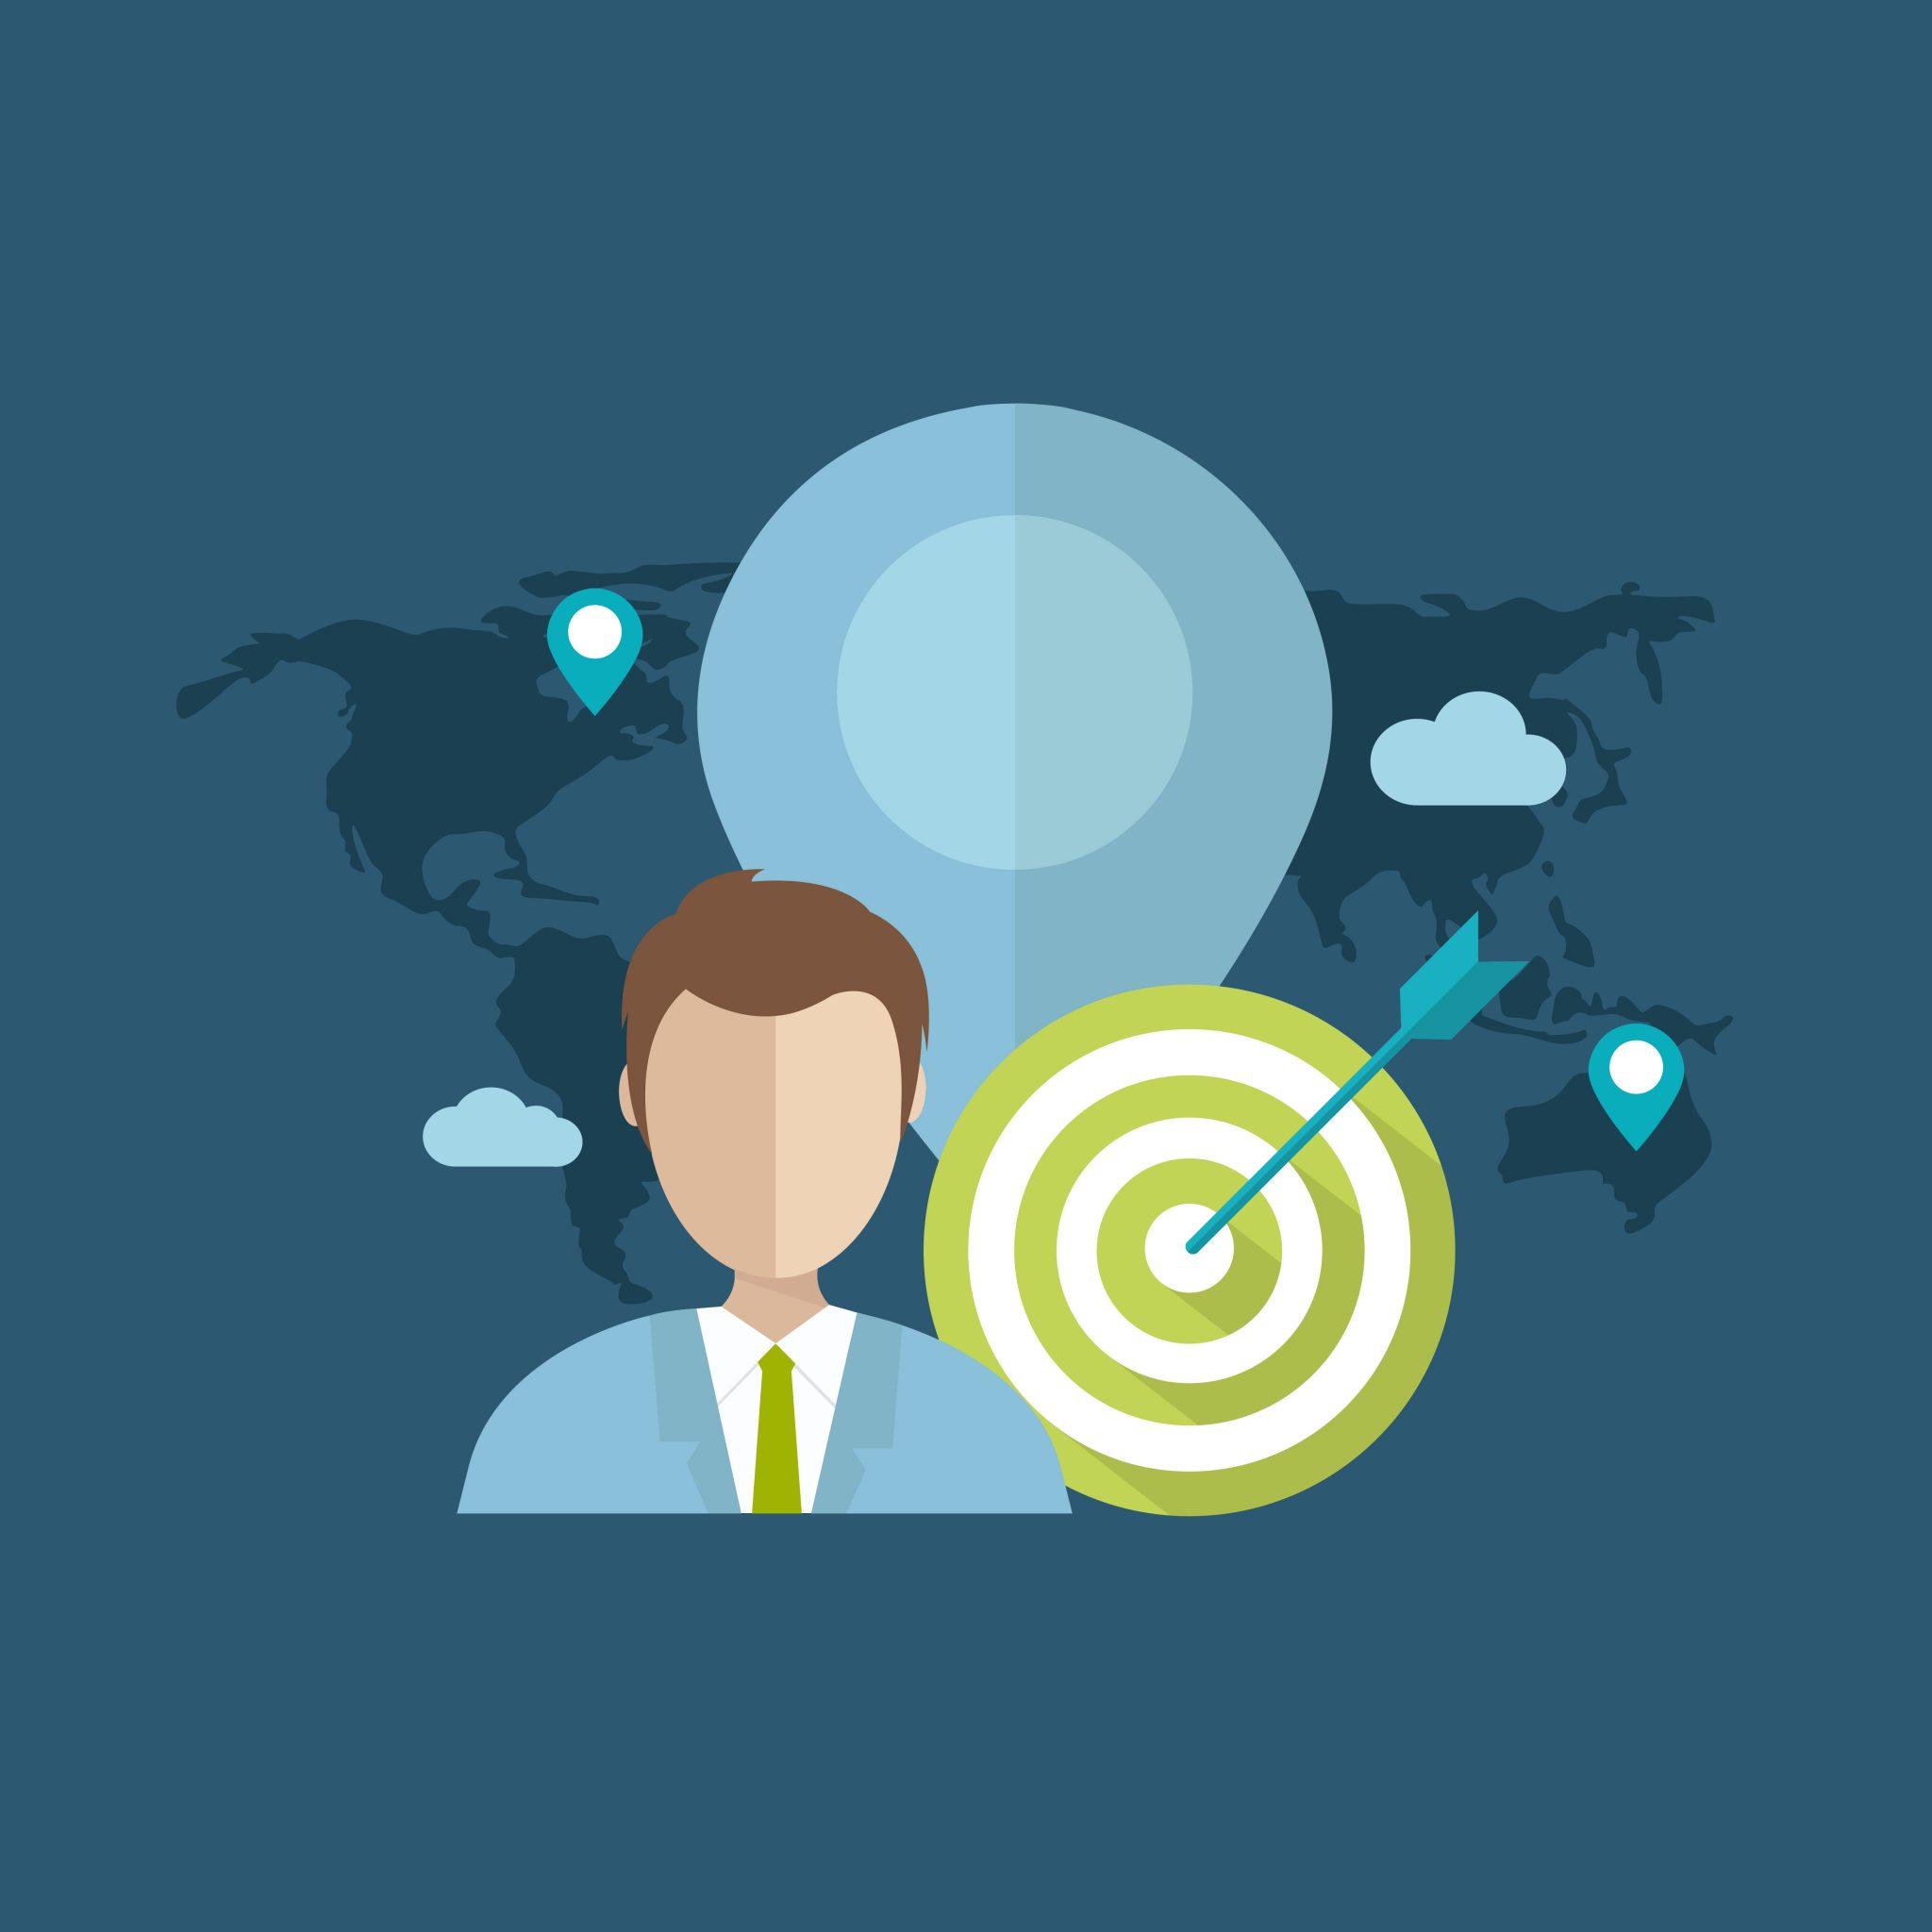 Jak pozycjonować lokalną firmę w sieci